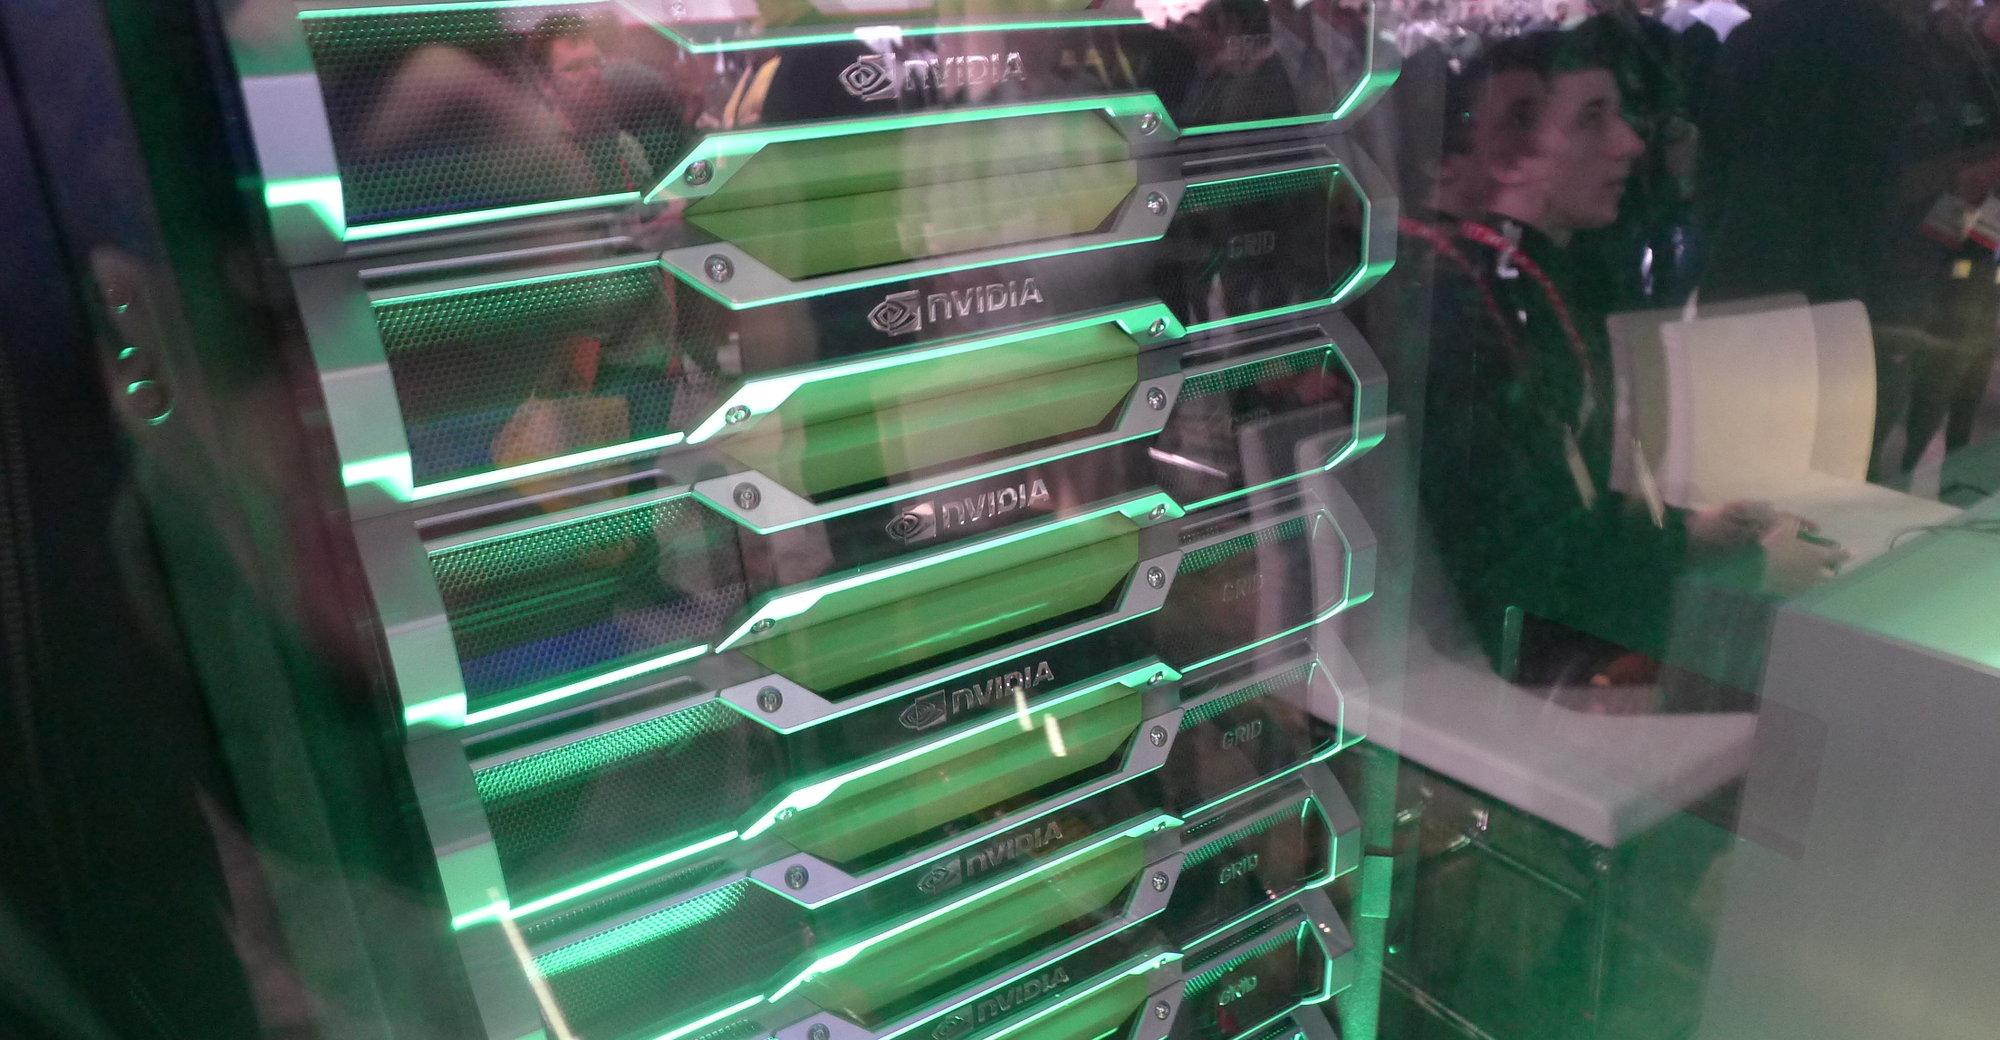 Nvidias Grid-servere på CES 2013. Selvsagt fungerte alle spillene uten problemer på messeområdet - det er en langt større utfordring å få sky-spilling til å fungere over hele USA, men avkastningen er minst like stor om de får det til å fungere.